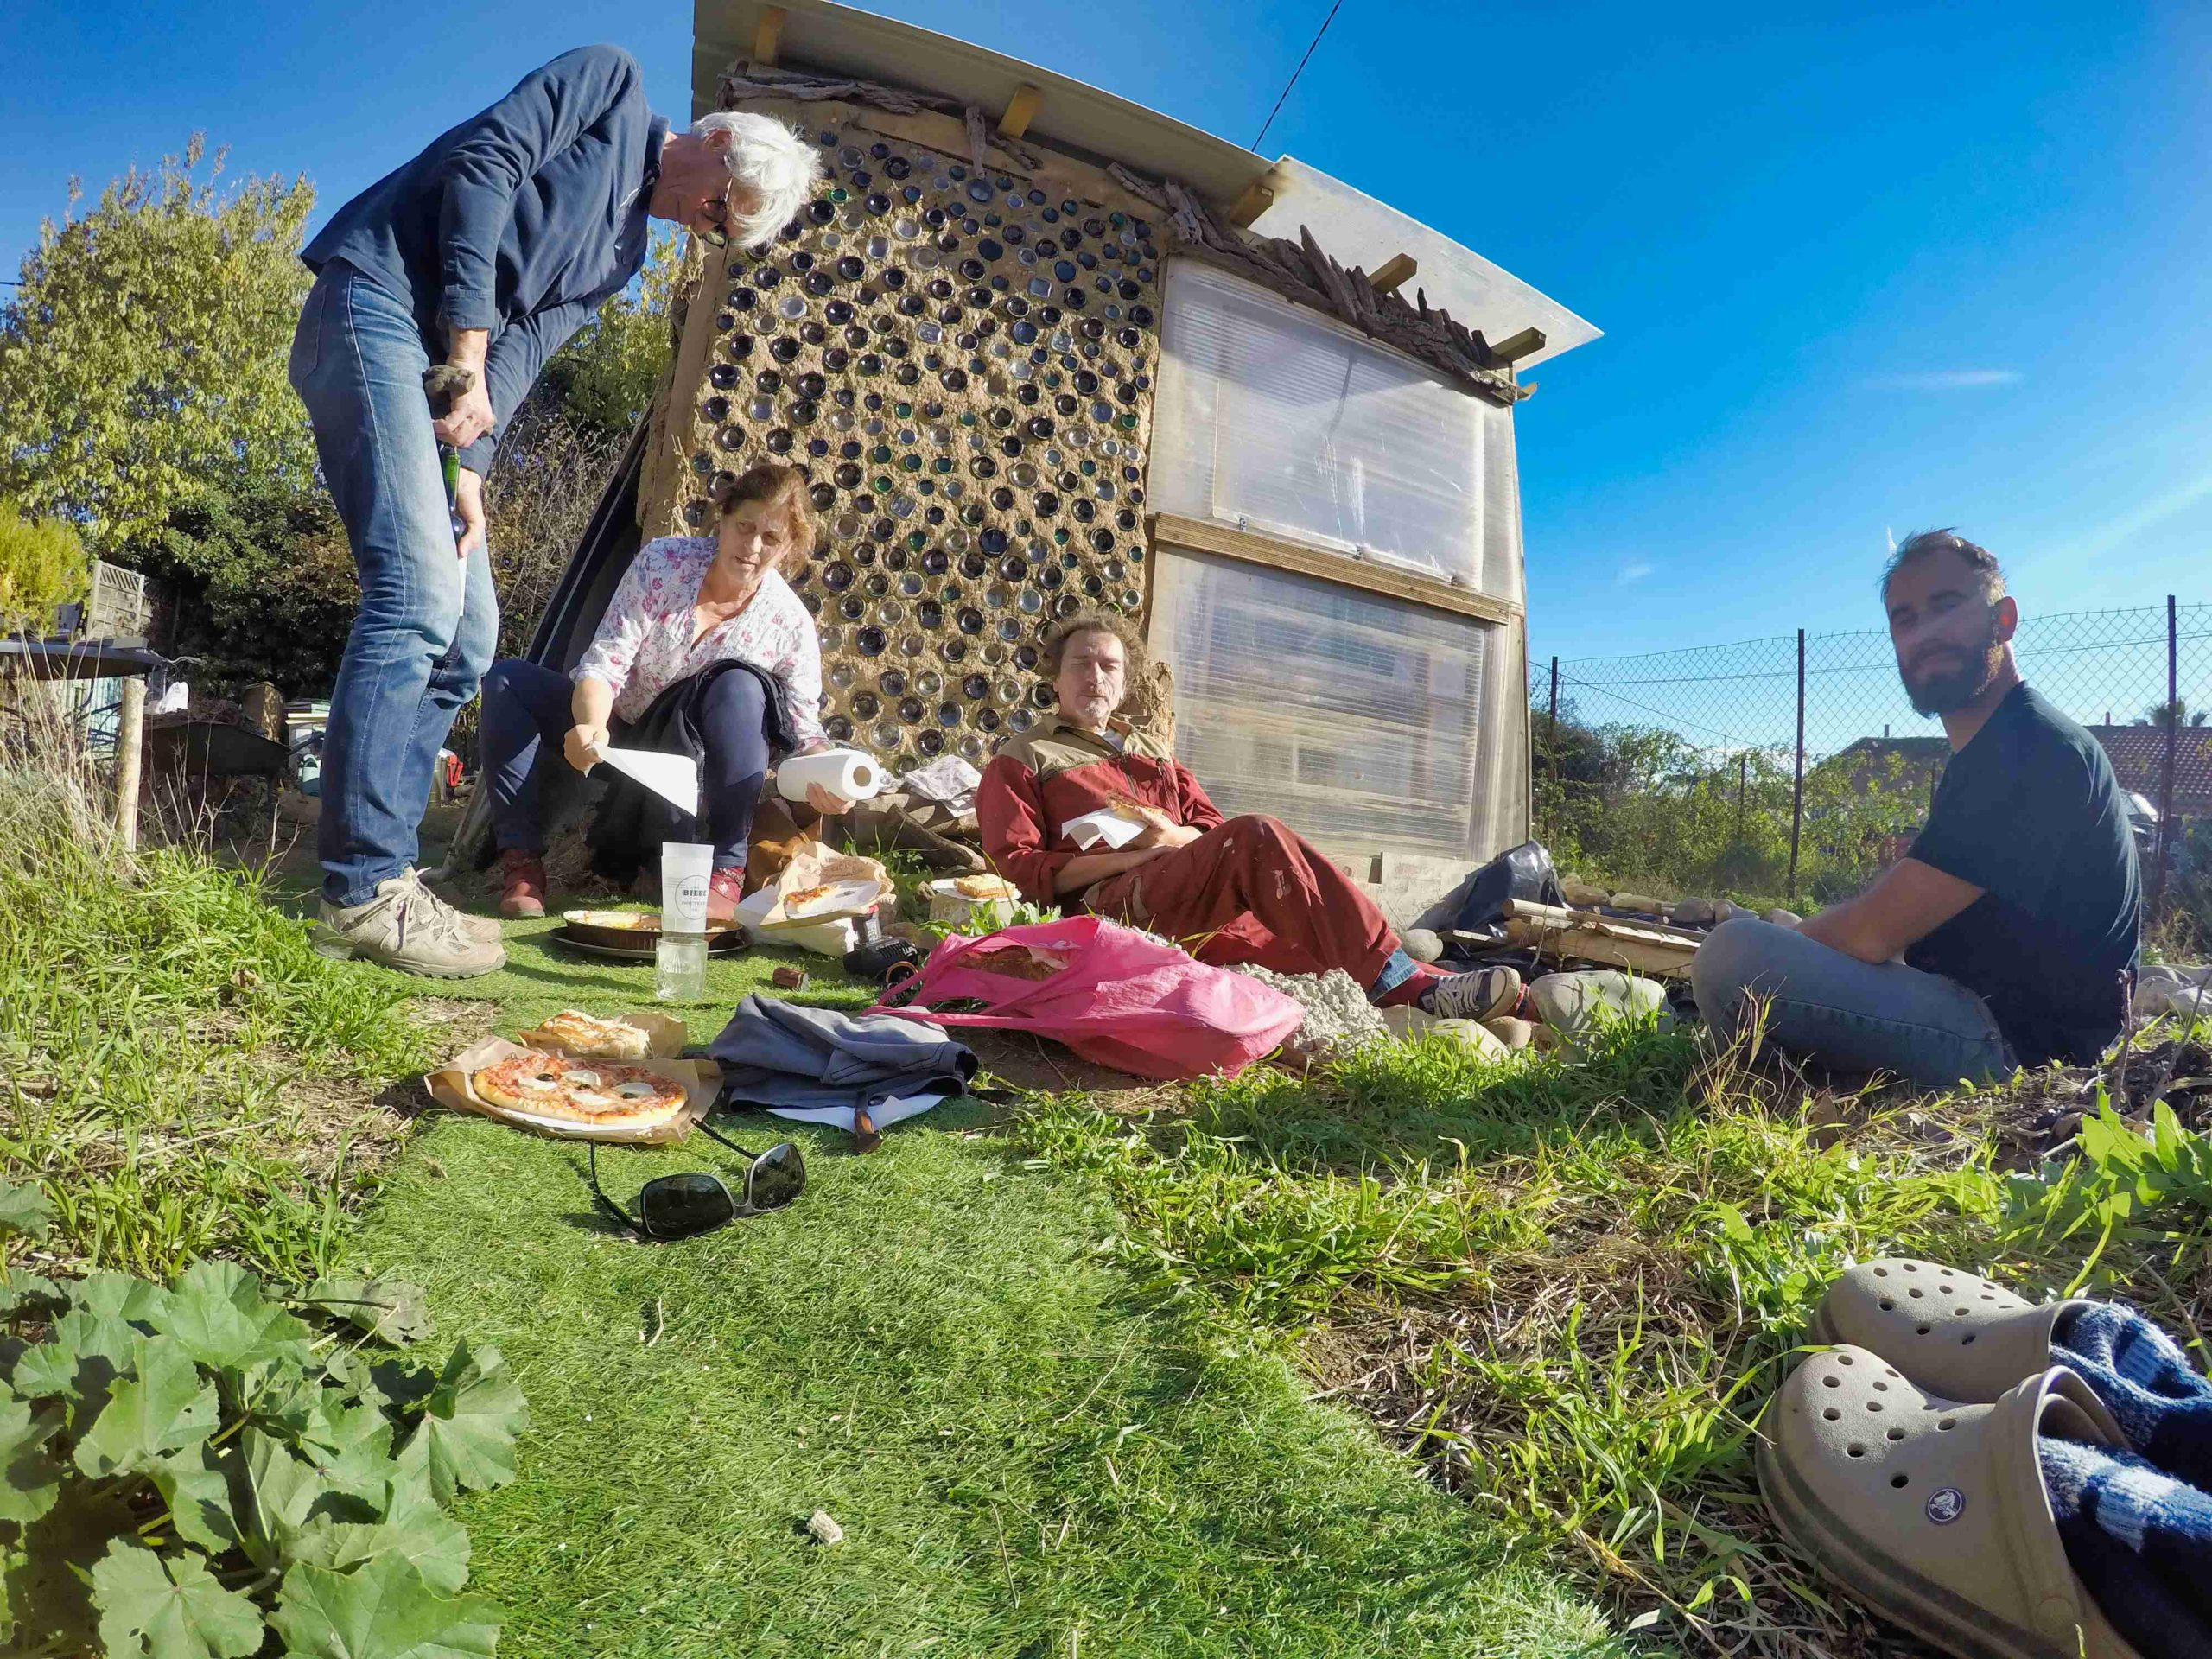 des gens savourant une pause déjeuner devant une serre bioclimatique sous un beau ciel bleu et ensoleillé, dans l'herbe au pied d'un mur en bouteilles de verre.